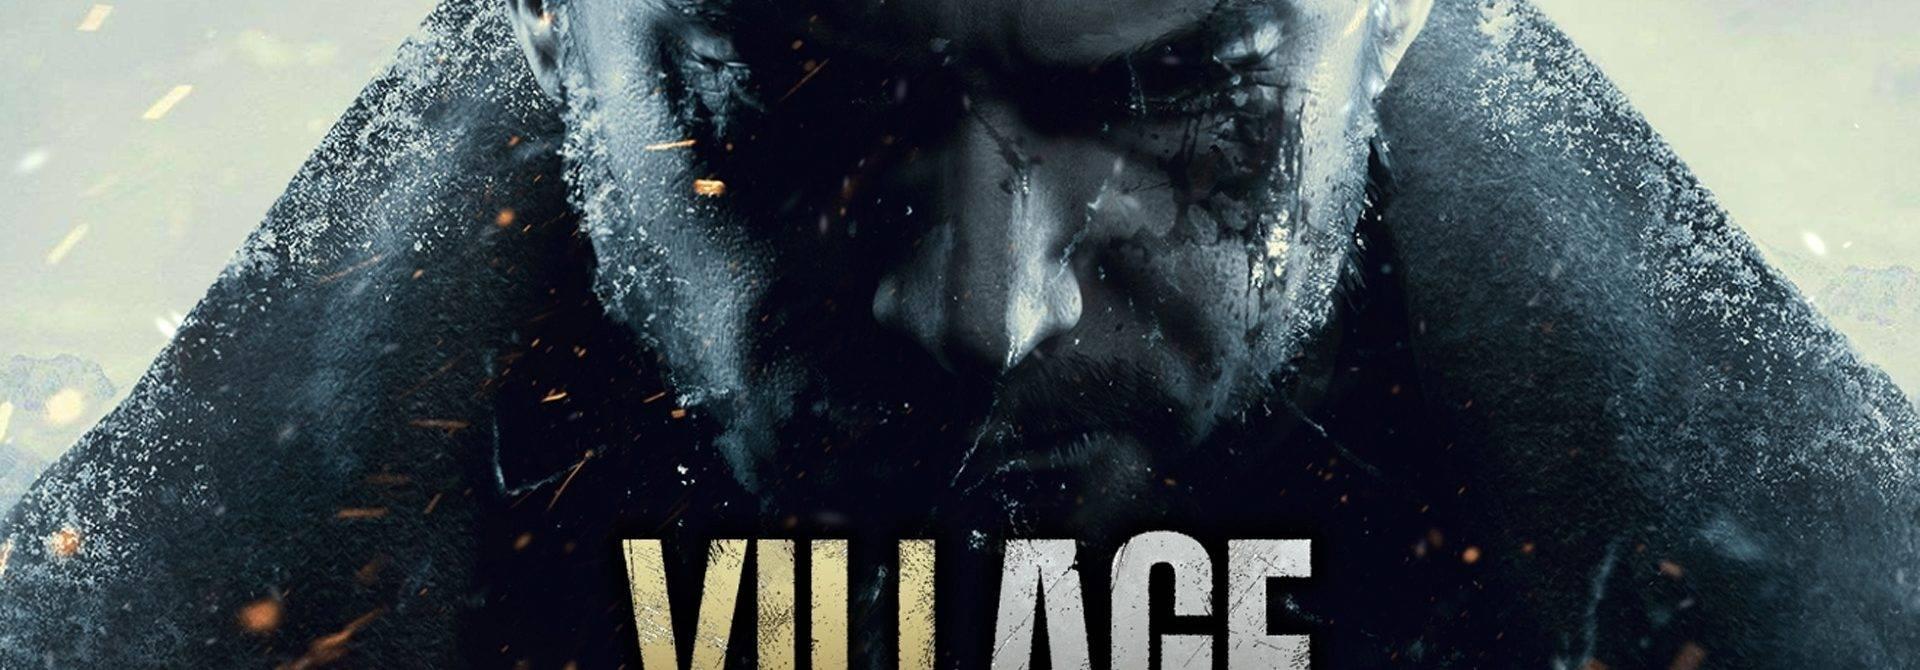 Resident Evil Village (AKA Resident Evil 8) Coming 2021